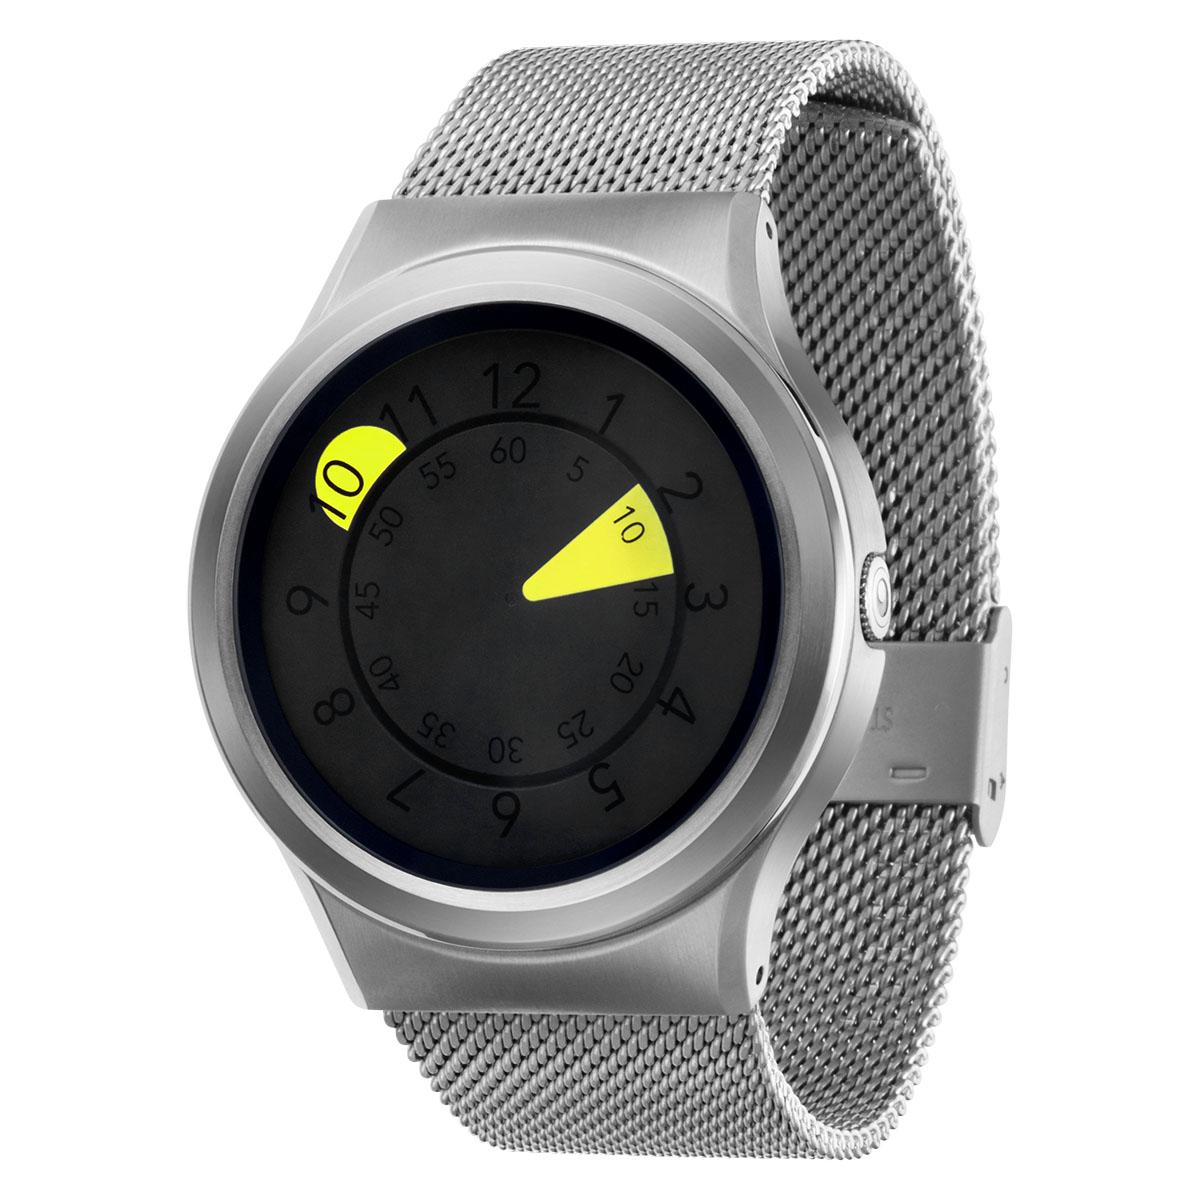 ZEROO AQUA DROP ゼロ 電池式クォーツ 腕時計 [W10040B01SM01] イエロー デザインウォッチ ペア用 メンズ レディース ユニセックス おしゃれ時計 デザイナーズ